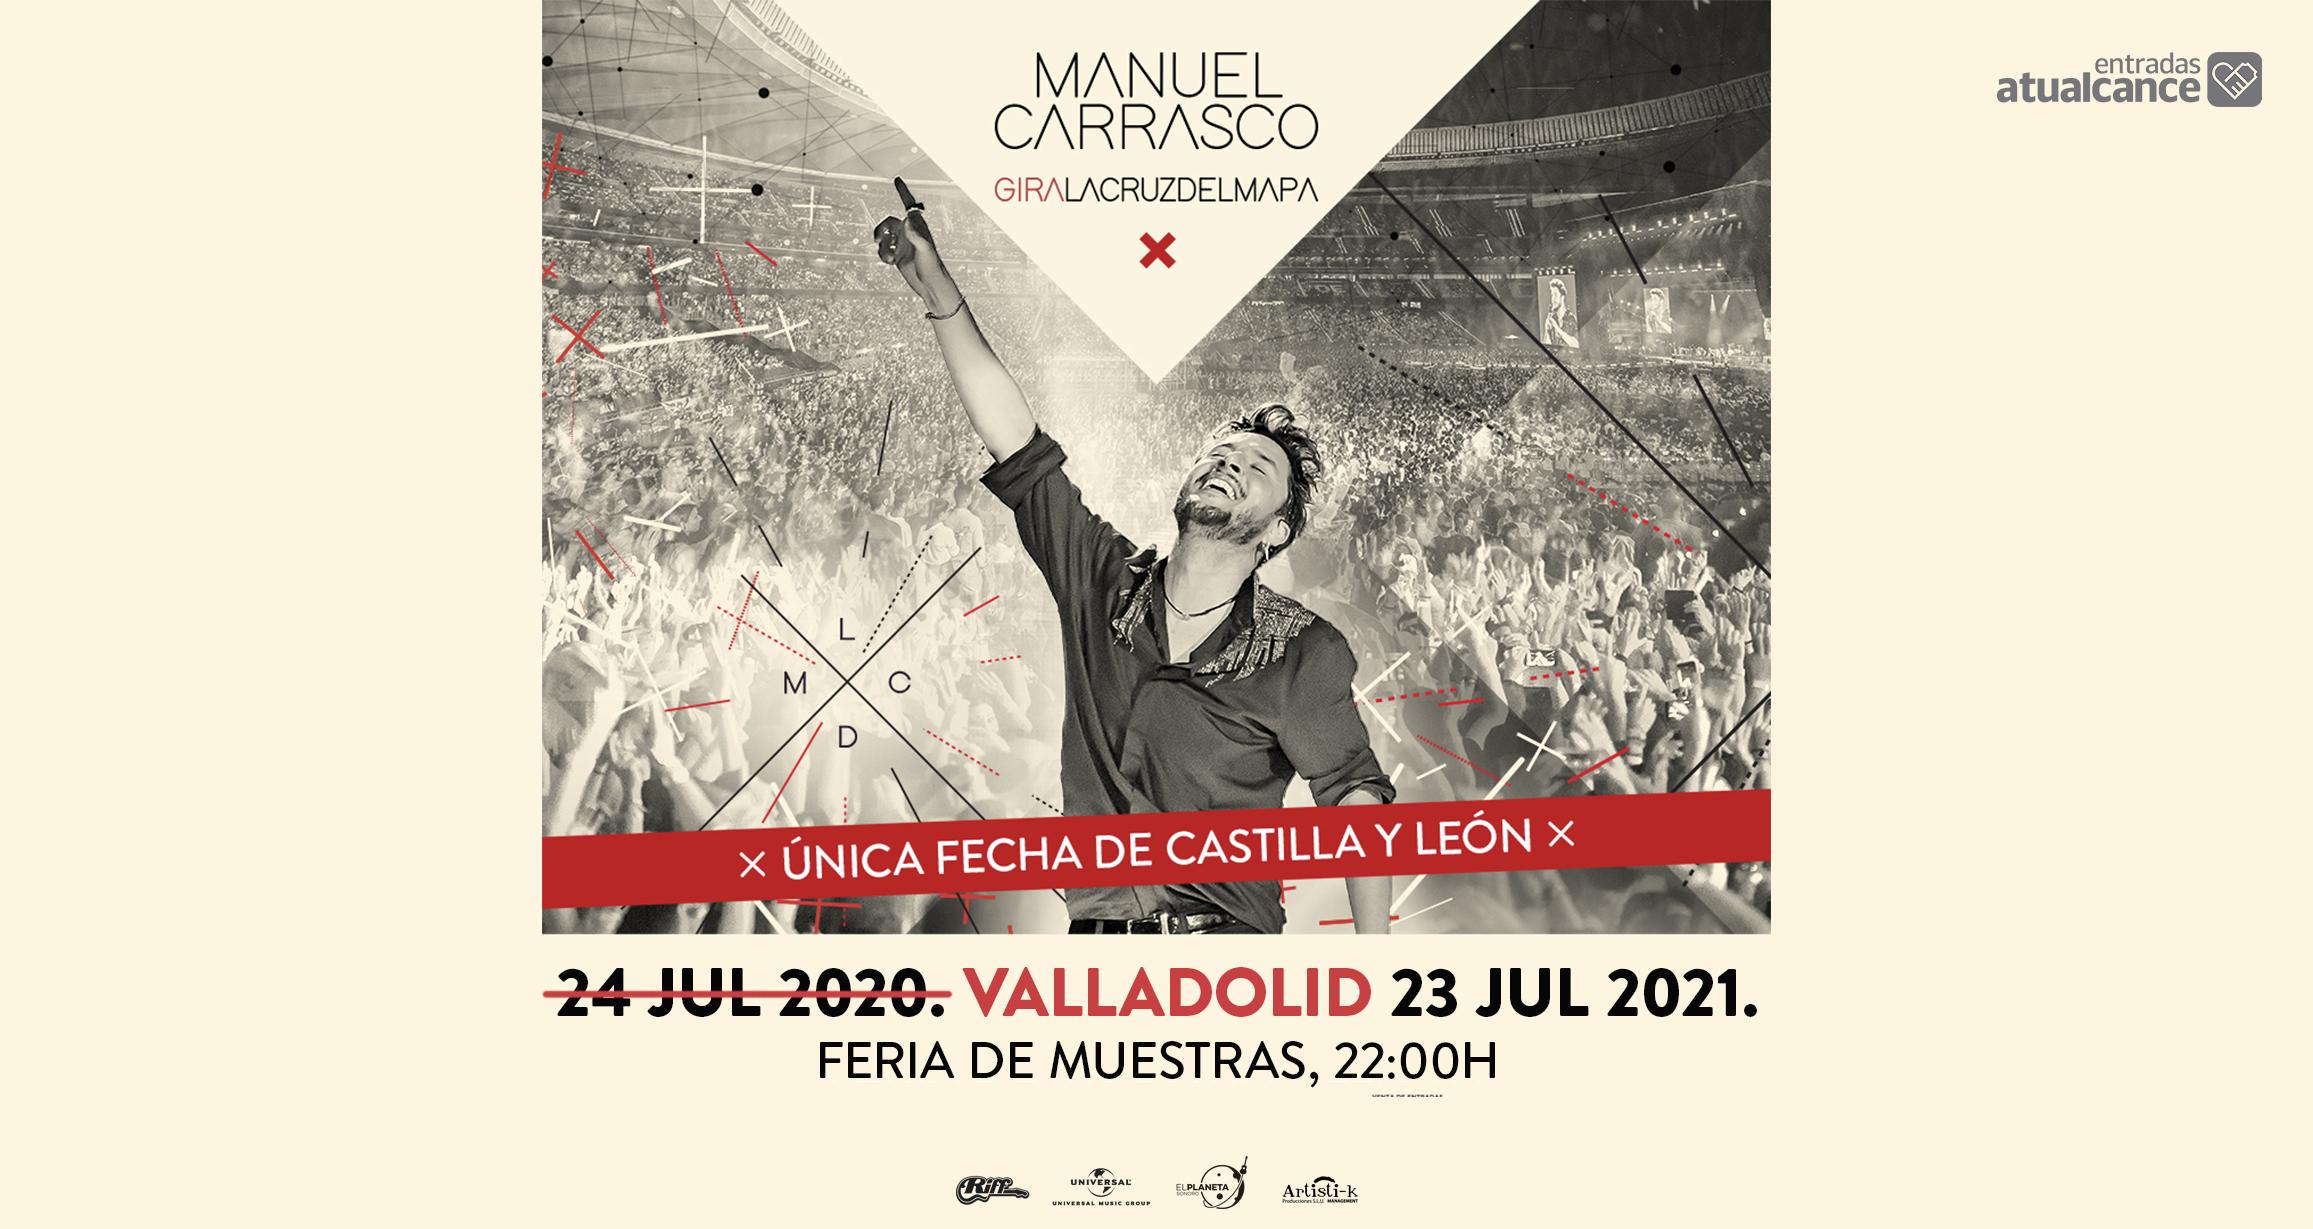 manuel-carrasco-gira-la-cruz-del-mapa-en-valladolid-5ec512b677a3b.jpeg